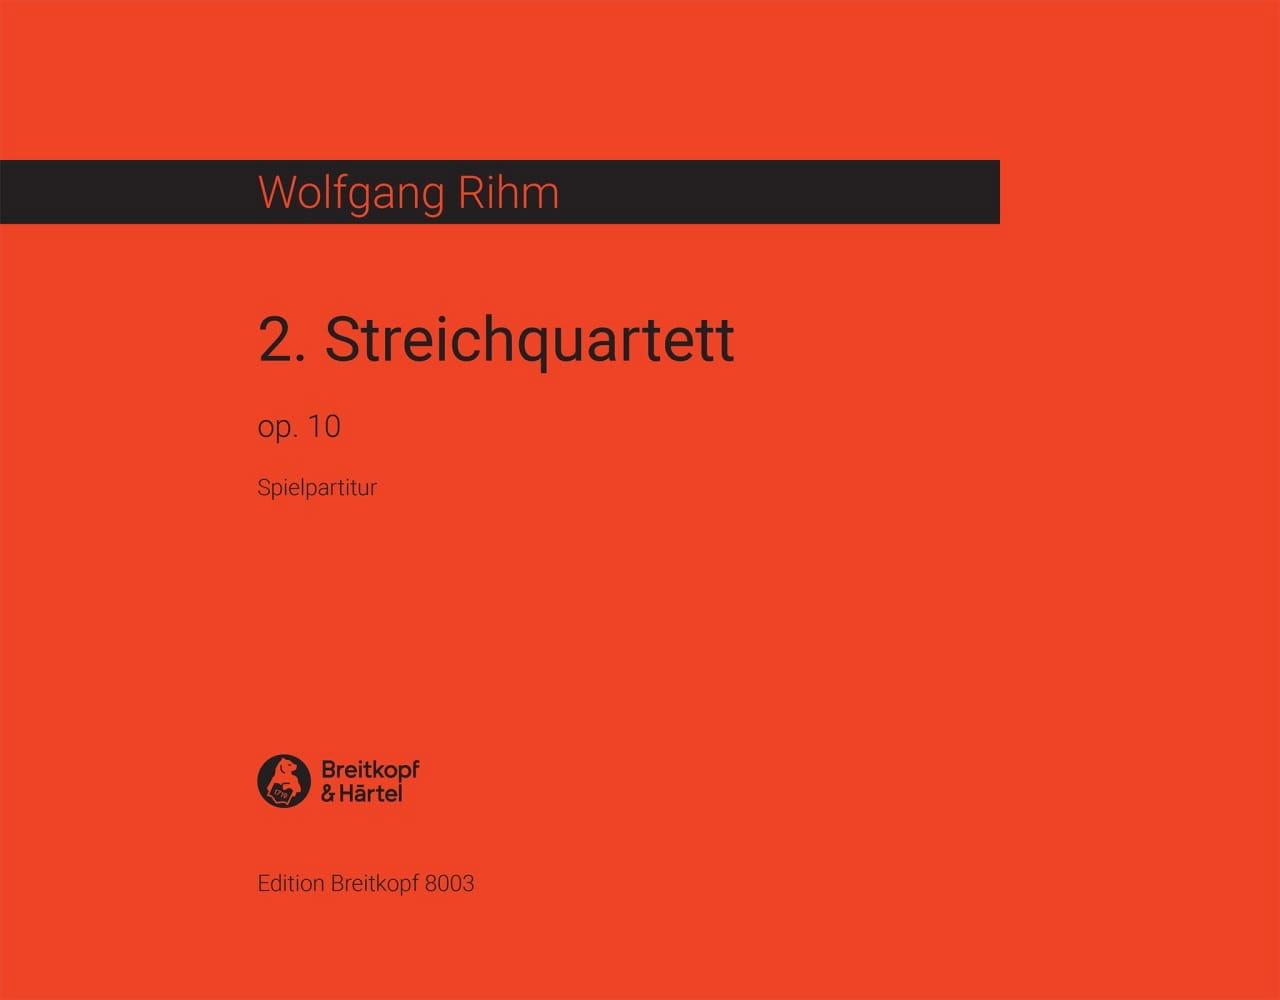 Streichquartett, Nr. 2 op. 10 - Wolfgang Rihm - laflutedepan.com